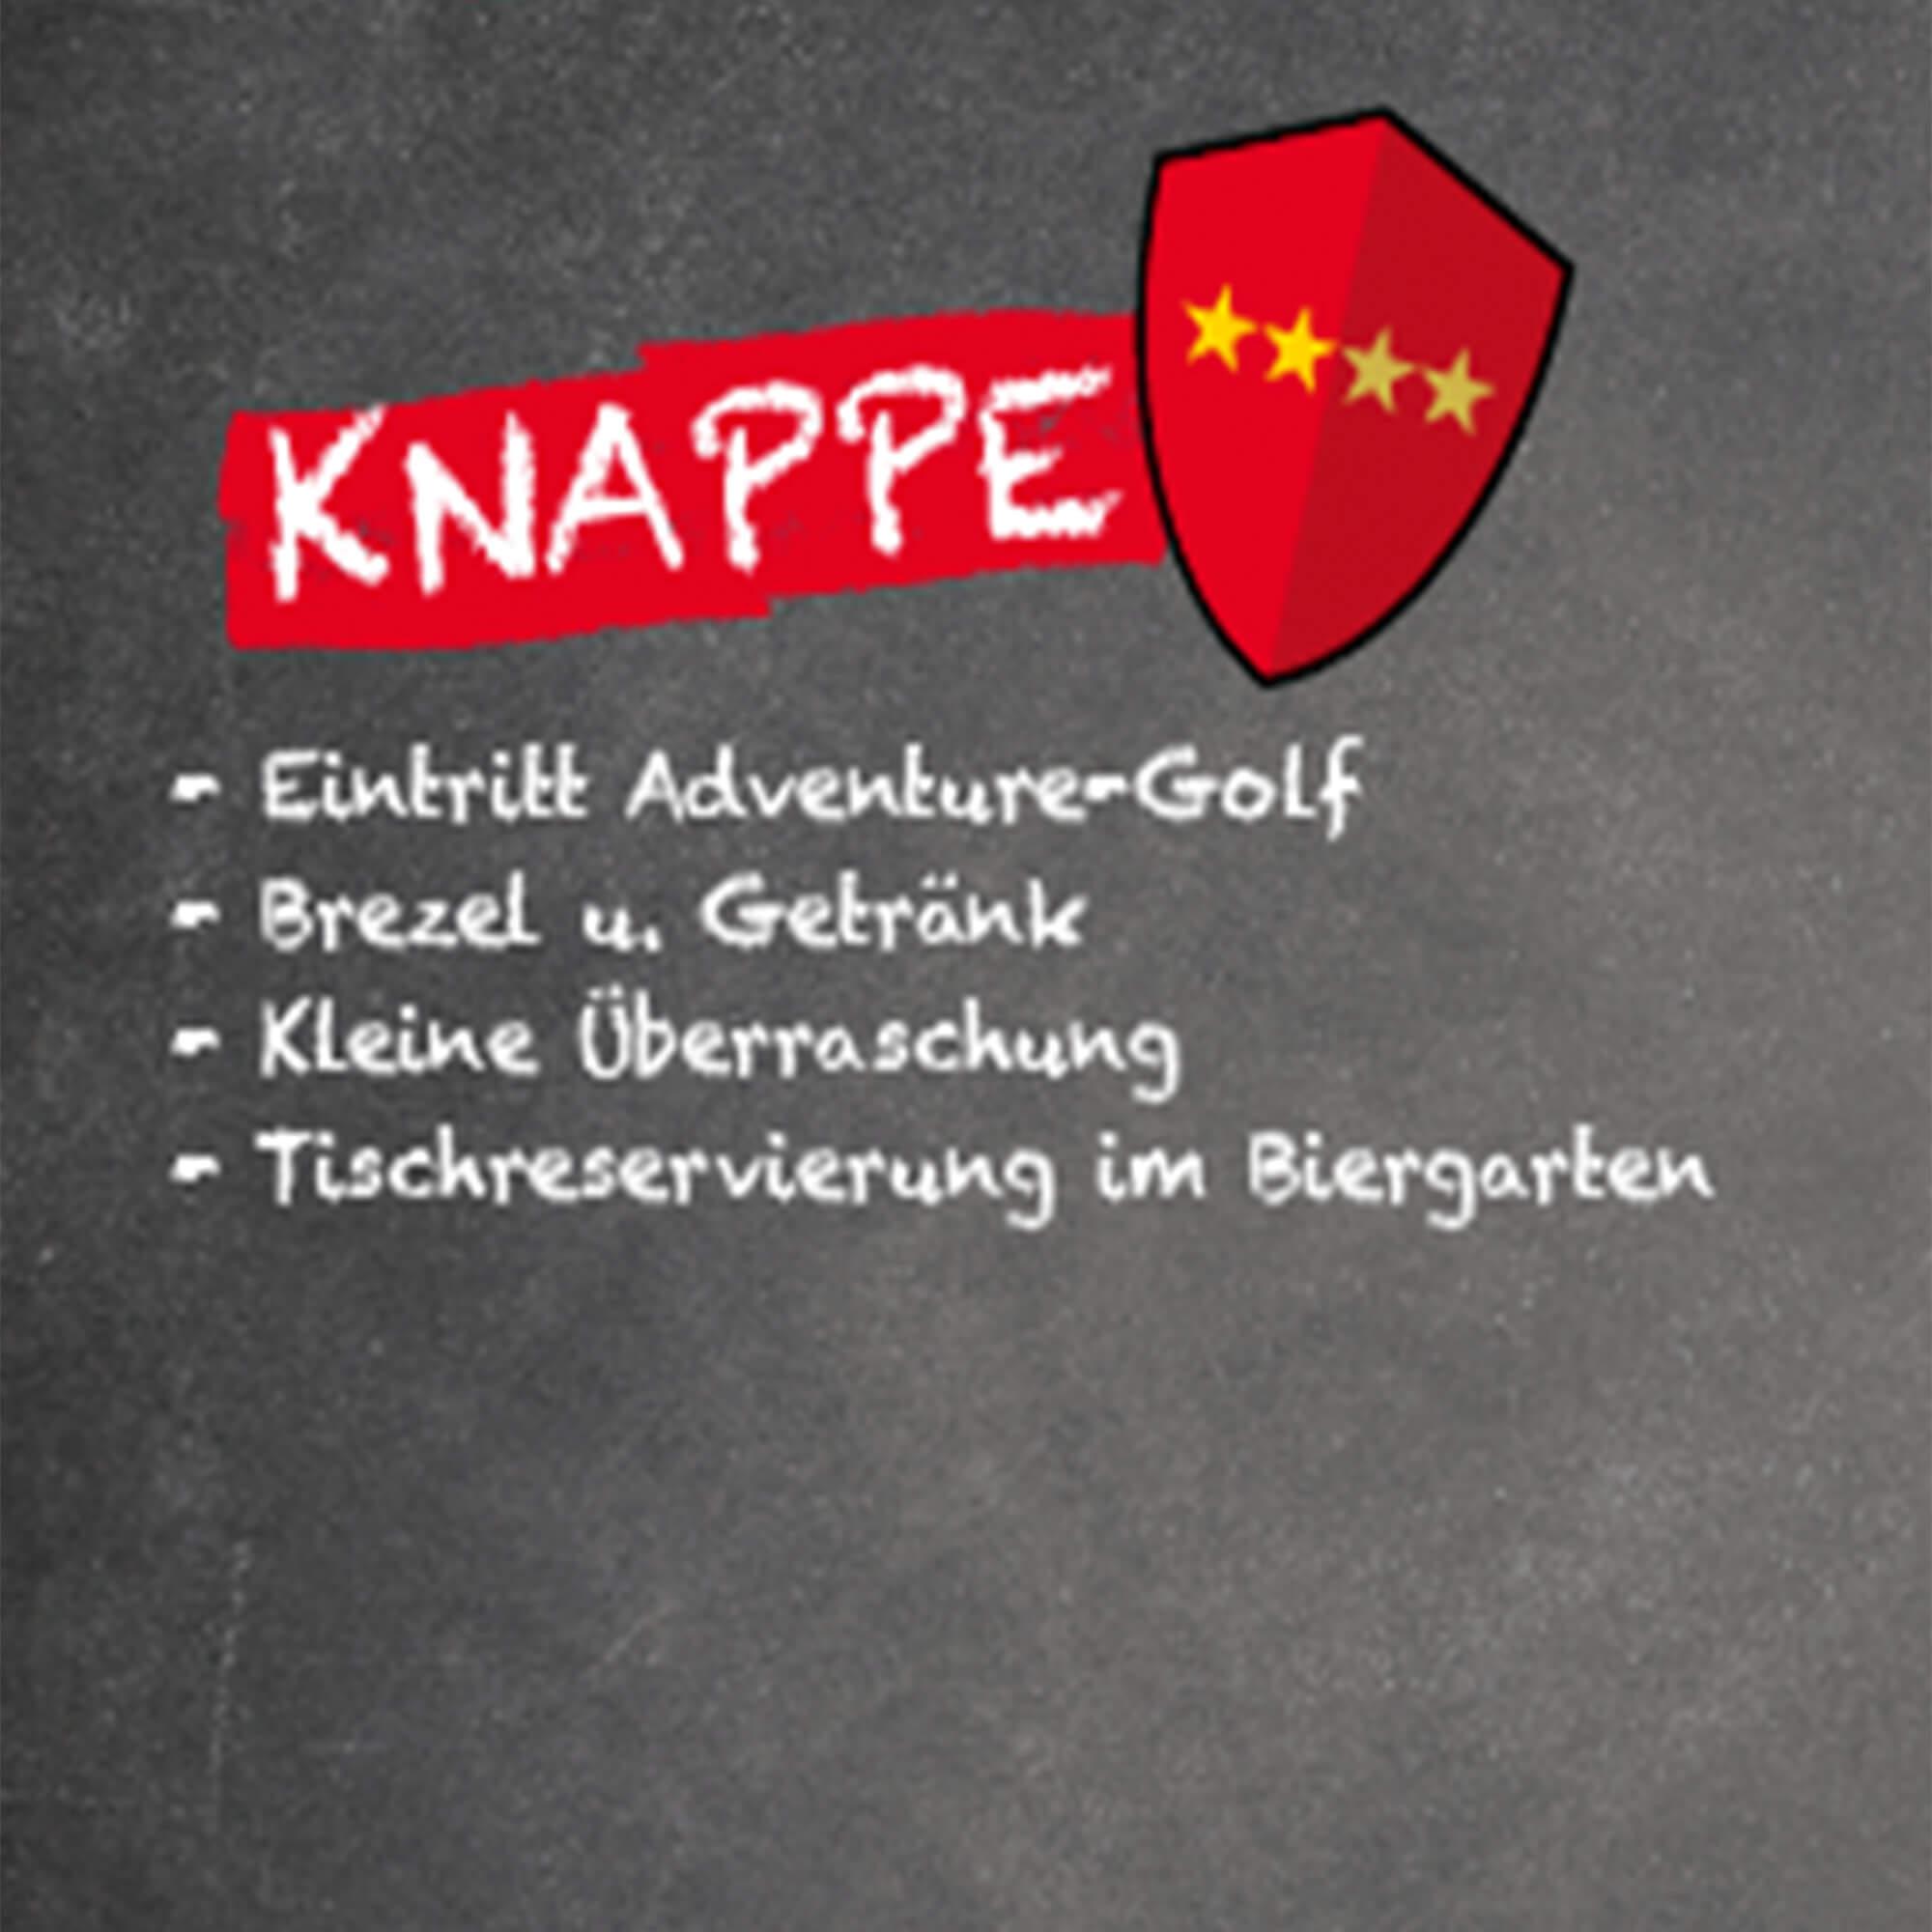 Knappe - Paket